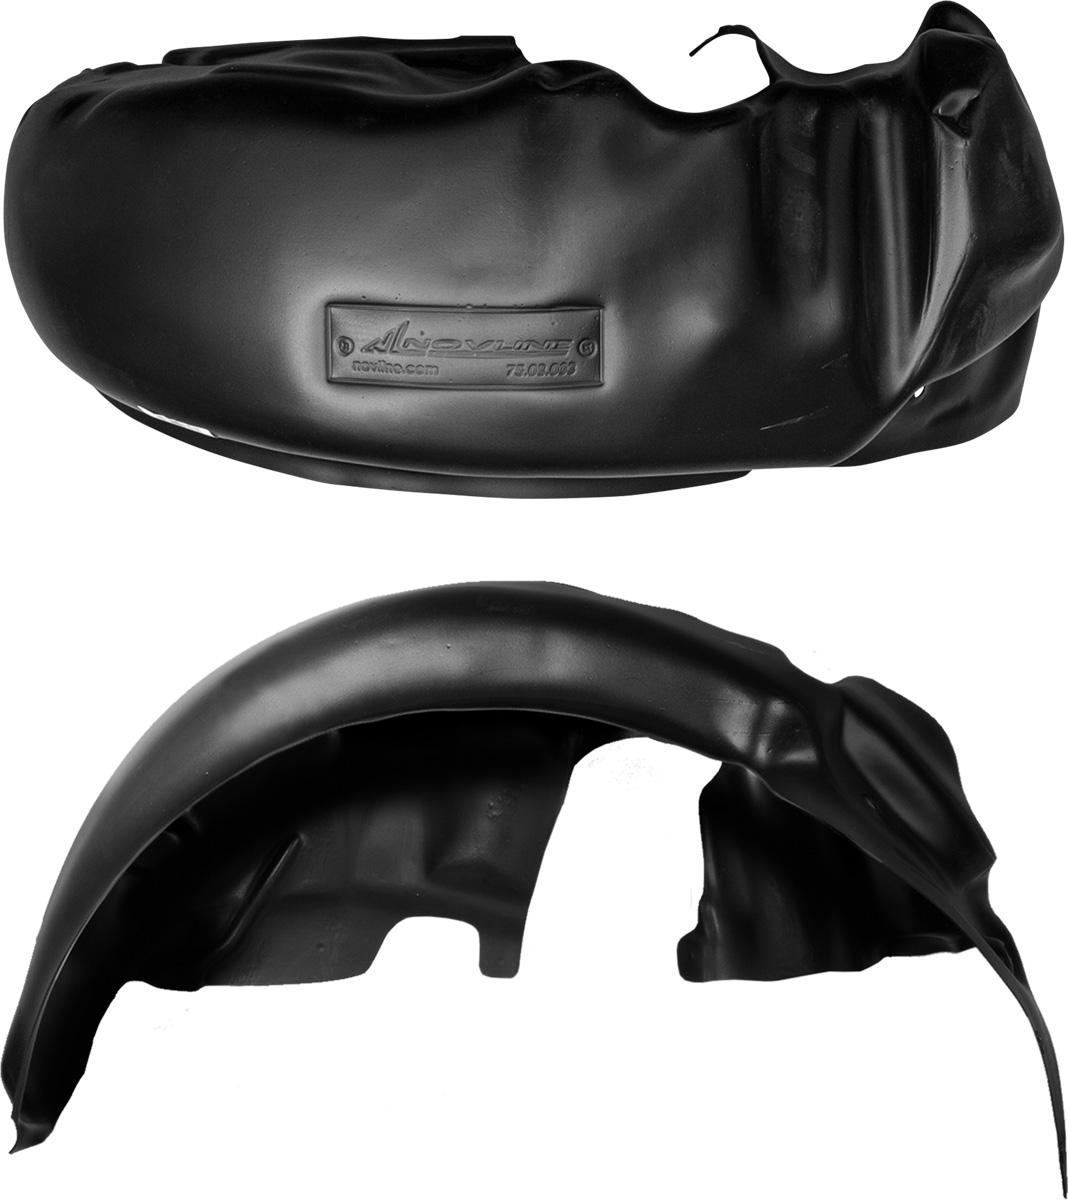 Подкрылок Novline-Autofamily, для Mitsubishi ASX, 2010-2013, 2013->, задний правыйVCA-00Колесные ниши - одни из самых уязвимых зон днища вашего автомобиля. Они постоянно подвергаются воздействию со стороны дороги. Лучшая, почти абсолютная защита для них - специально отформованные пластиковые кожухи, которые называются подкрылками. Производятся они как для отечественных моделей автомобилей, так и для иномарок. Подкрылки Novline-Autofamily выполнены из высококачественного, экологически чистого пластика. Обеспечивают надежную защиту кузова автомобиля от пескоструйного эффекта и негативного влияния, агрессивных антигололедных реагентов. Пластик обладает более низкой теплопроводностью, чем металл, поэтому в зимний период эксплуатации использование пластиковых подкрылков позволяет лучше защитить колесные ниши от налипания снега и образования наледи. Оригинальность конструкции подчеркивает элегантность автомобиля, бережно защищает нанесенное на днище кузова антикоррозийное покрытие и позволяет осуществить крепление подкрылков внутри колесной арки практически без дополнительного крепежа и сверления, не нарушая при этом лакокрасочного покрытия, что предотвращает возникновение новых очагов коррозии. Подкрылки долговечны, обладают высокой прочностью и сохраняют заданную форму, а также все свои физико-механические характеристики в самых тяжелых климатических условиях (от -50°С до +50°С).Уважаемые клиенты!Обращаем ваше внимание, на тот факт, что подкрылок имеет форму, соответствующую модели данного автомобиля. Фото служит для визуального восприятия товара.